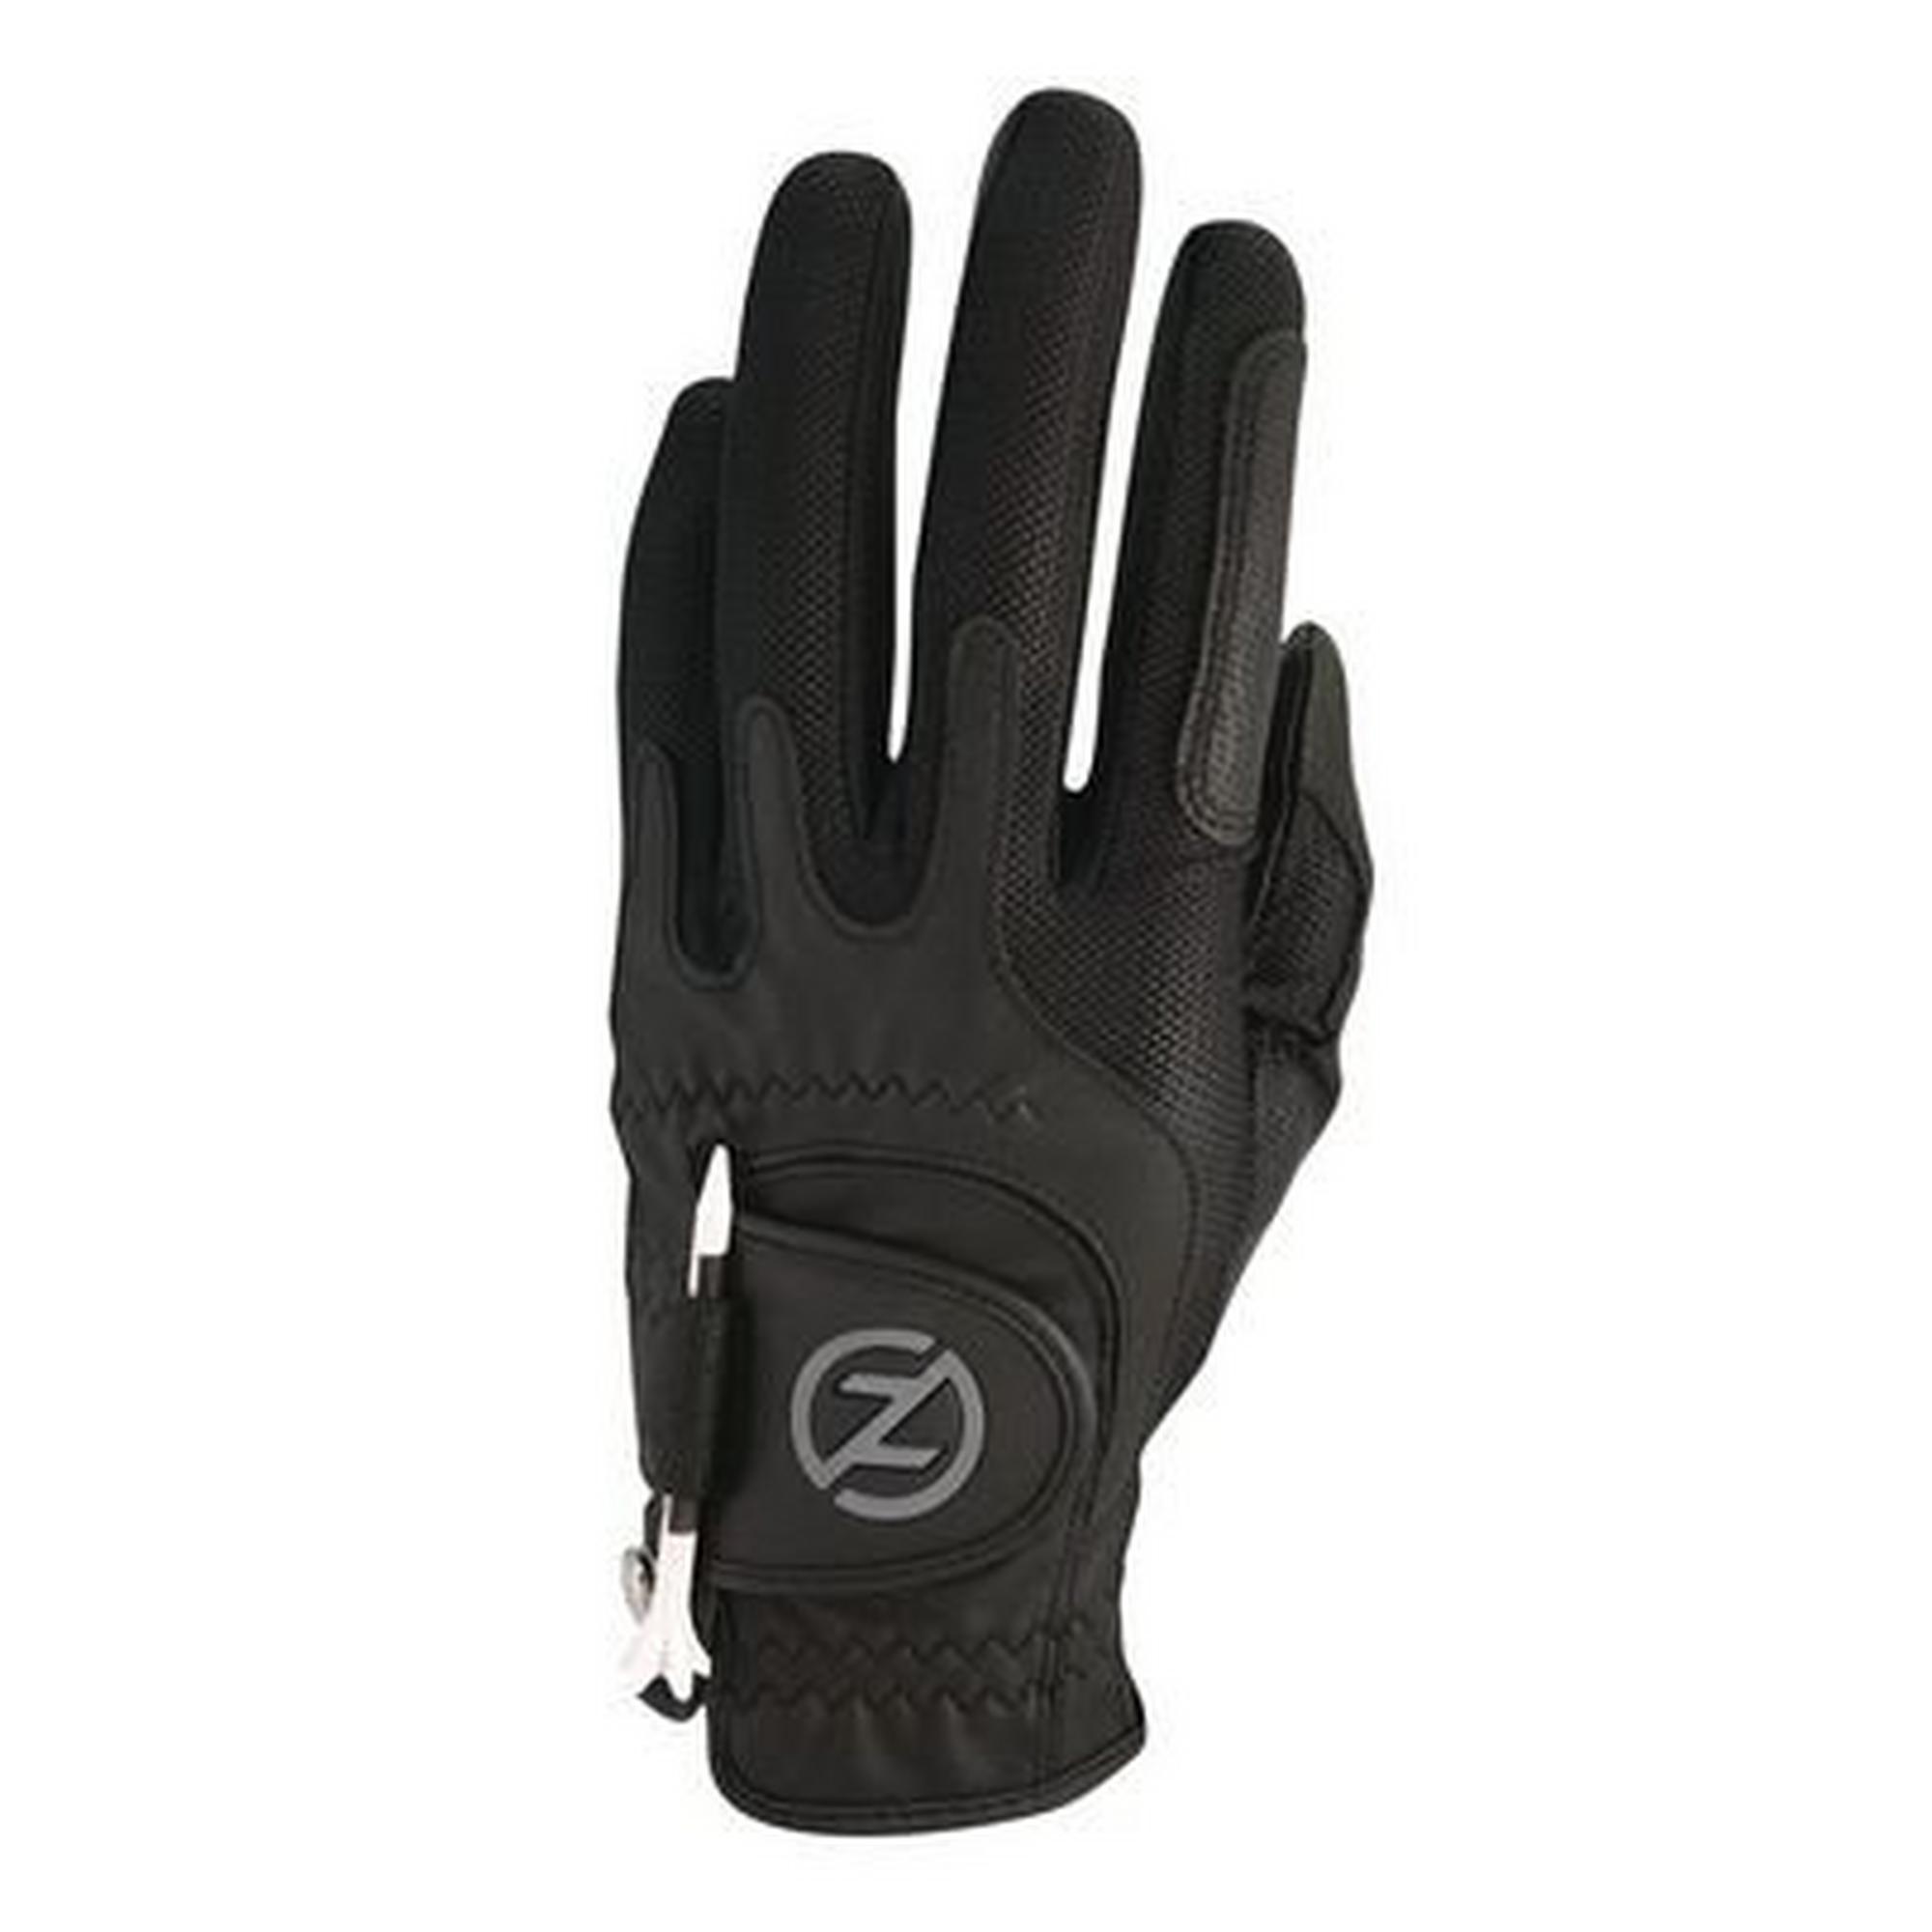 Men's Compression Golf Glove - MLH